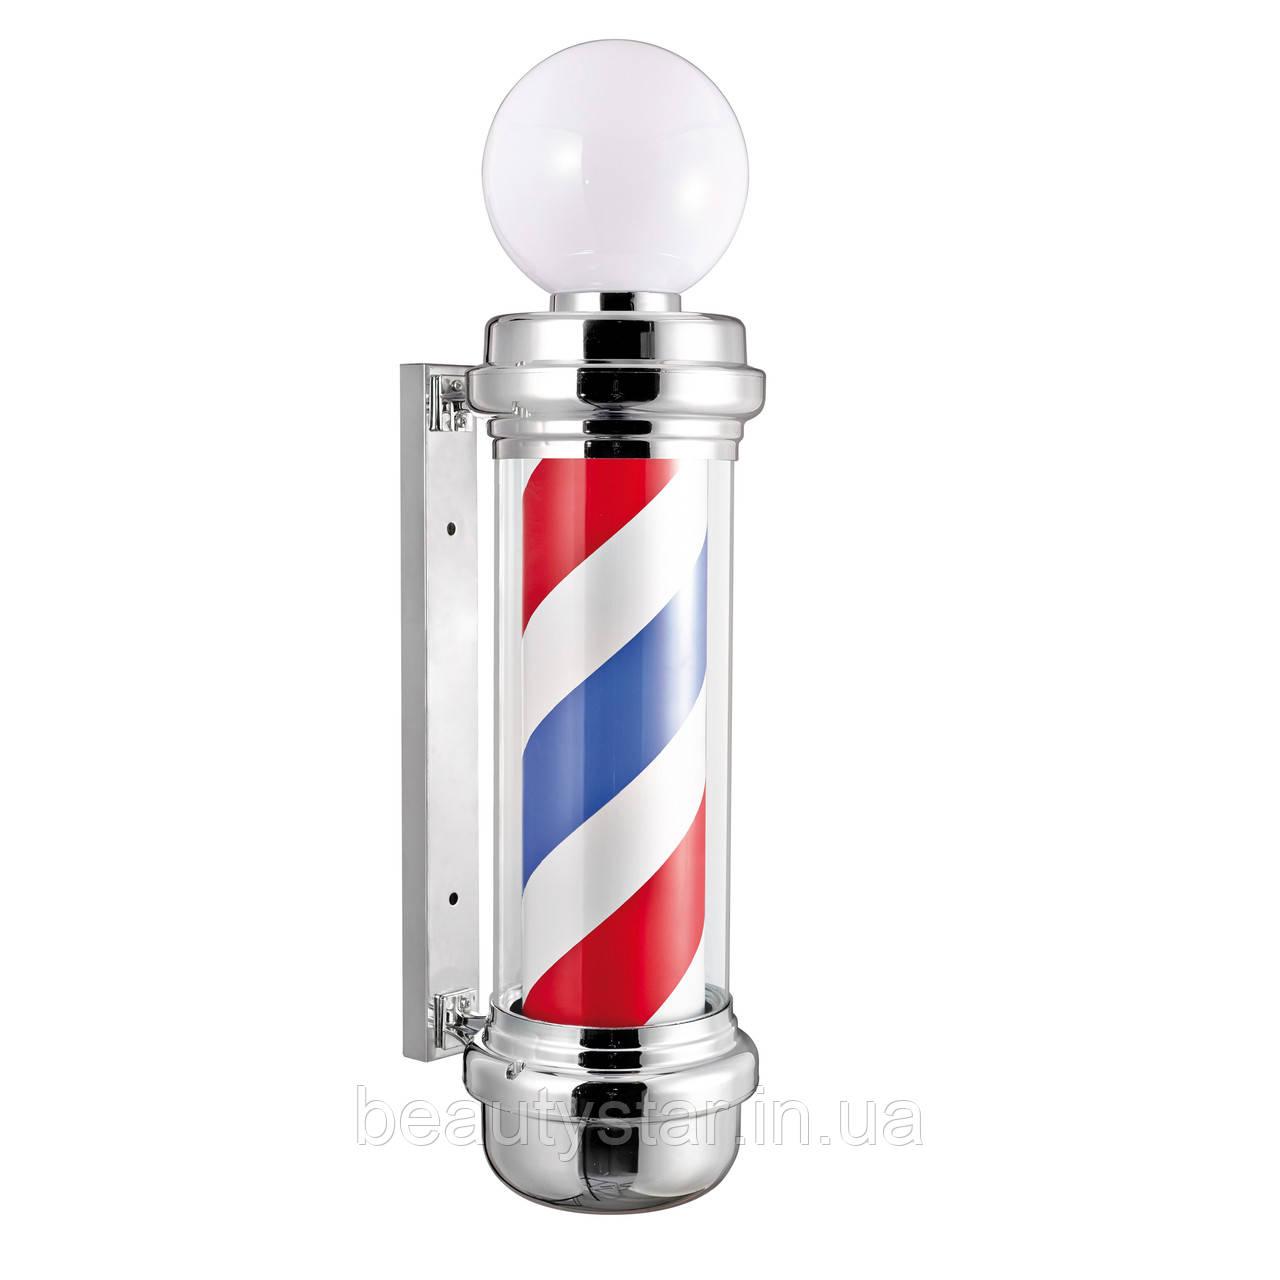 Вивіска Барбер пул рекламний ліхтар Barber Pole хром з плафоном 85x31x23 см Іспанія